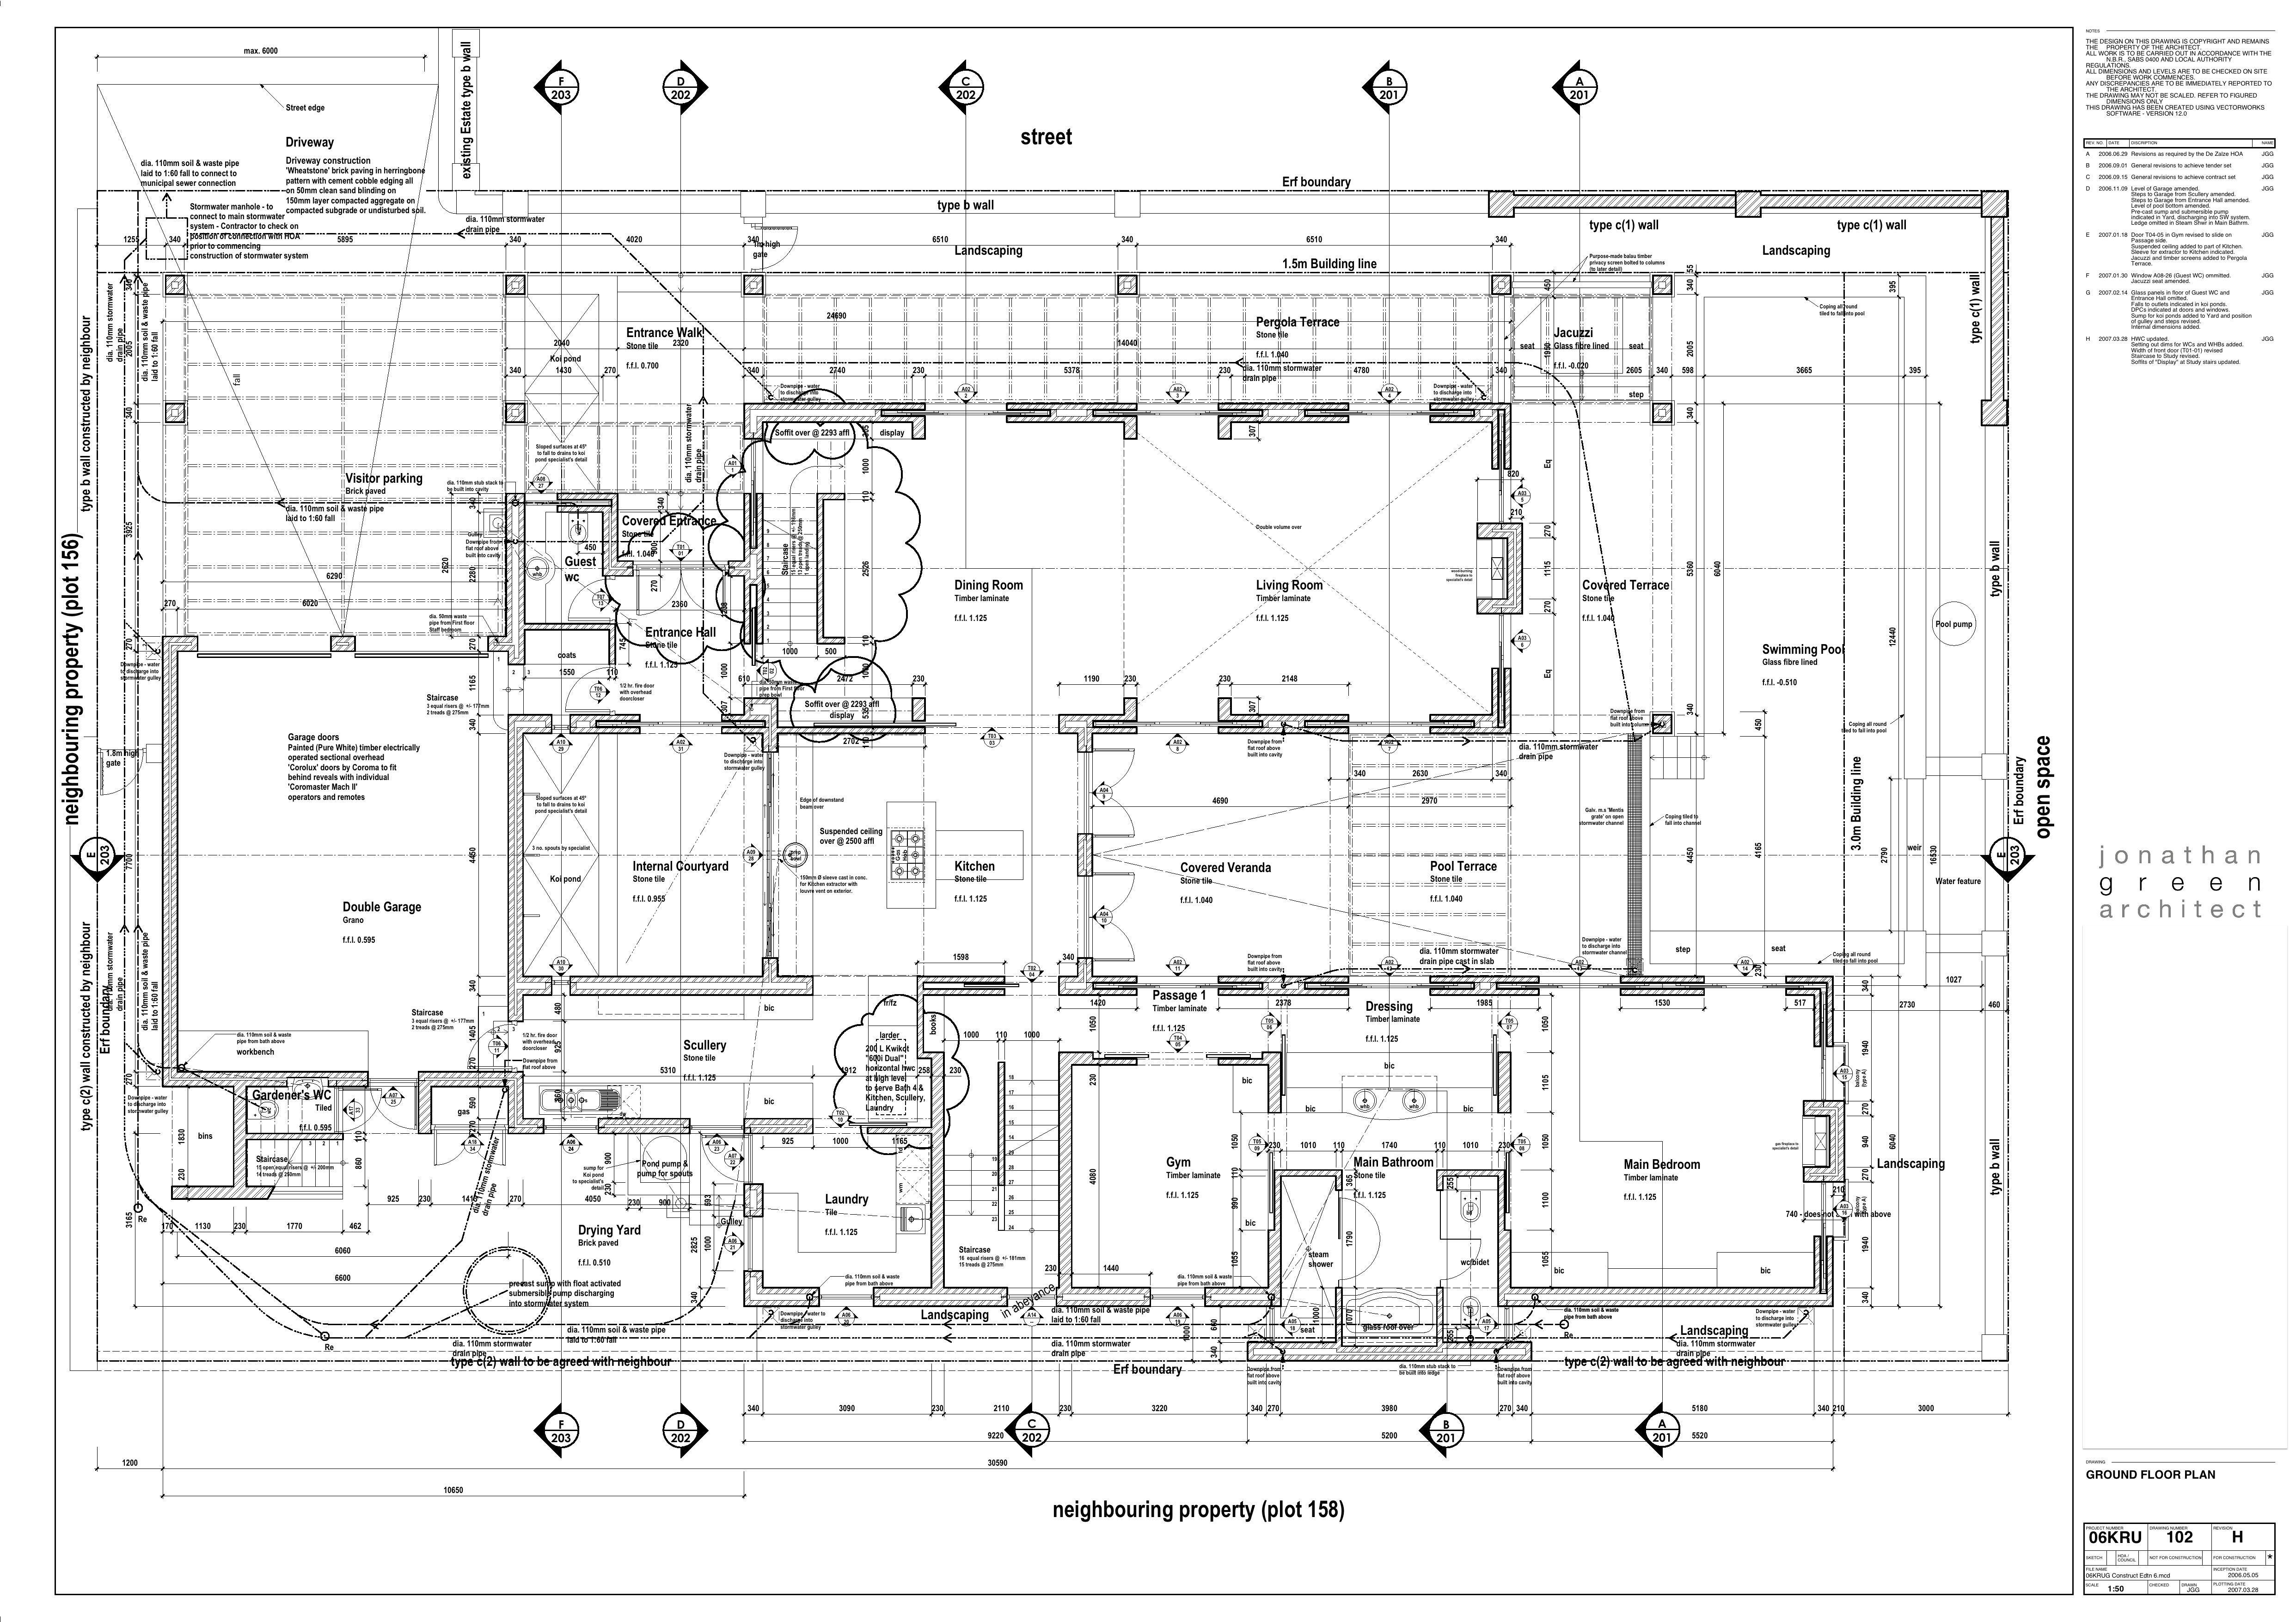 Ground floor plan arch pinterest ground floor ground floor plan malvernweather Choice Image